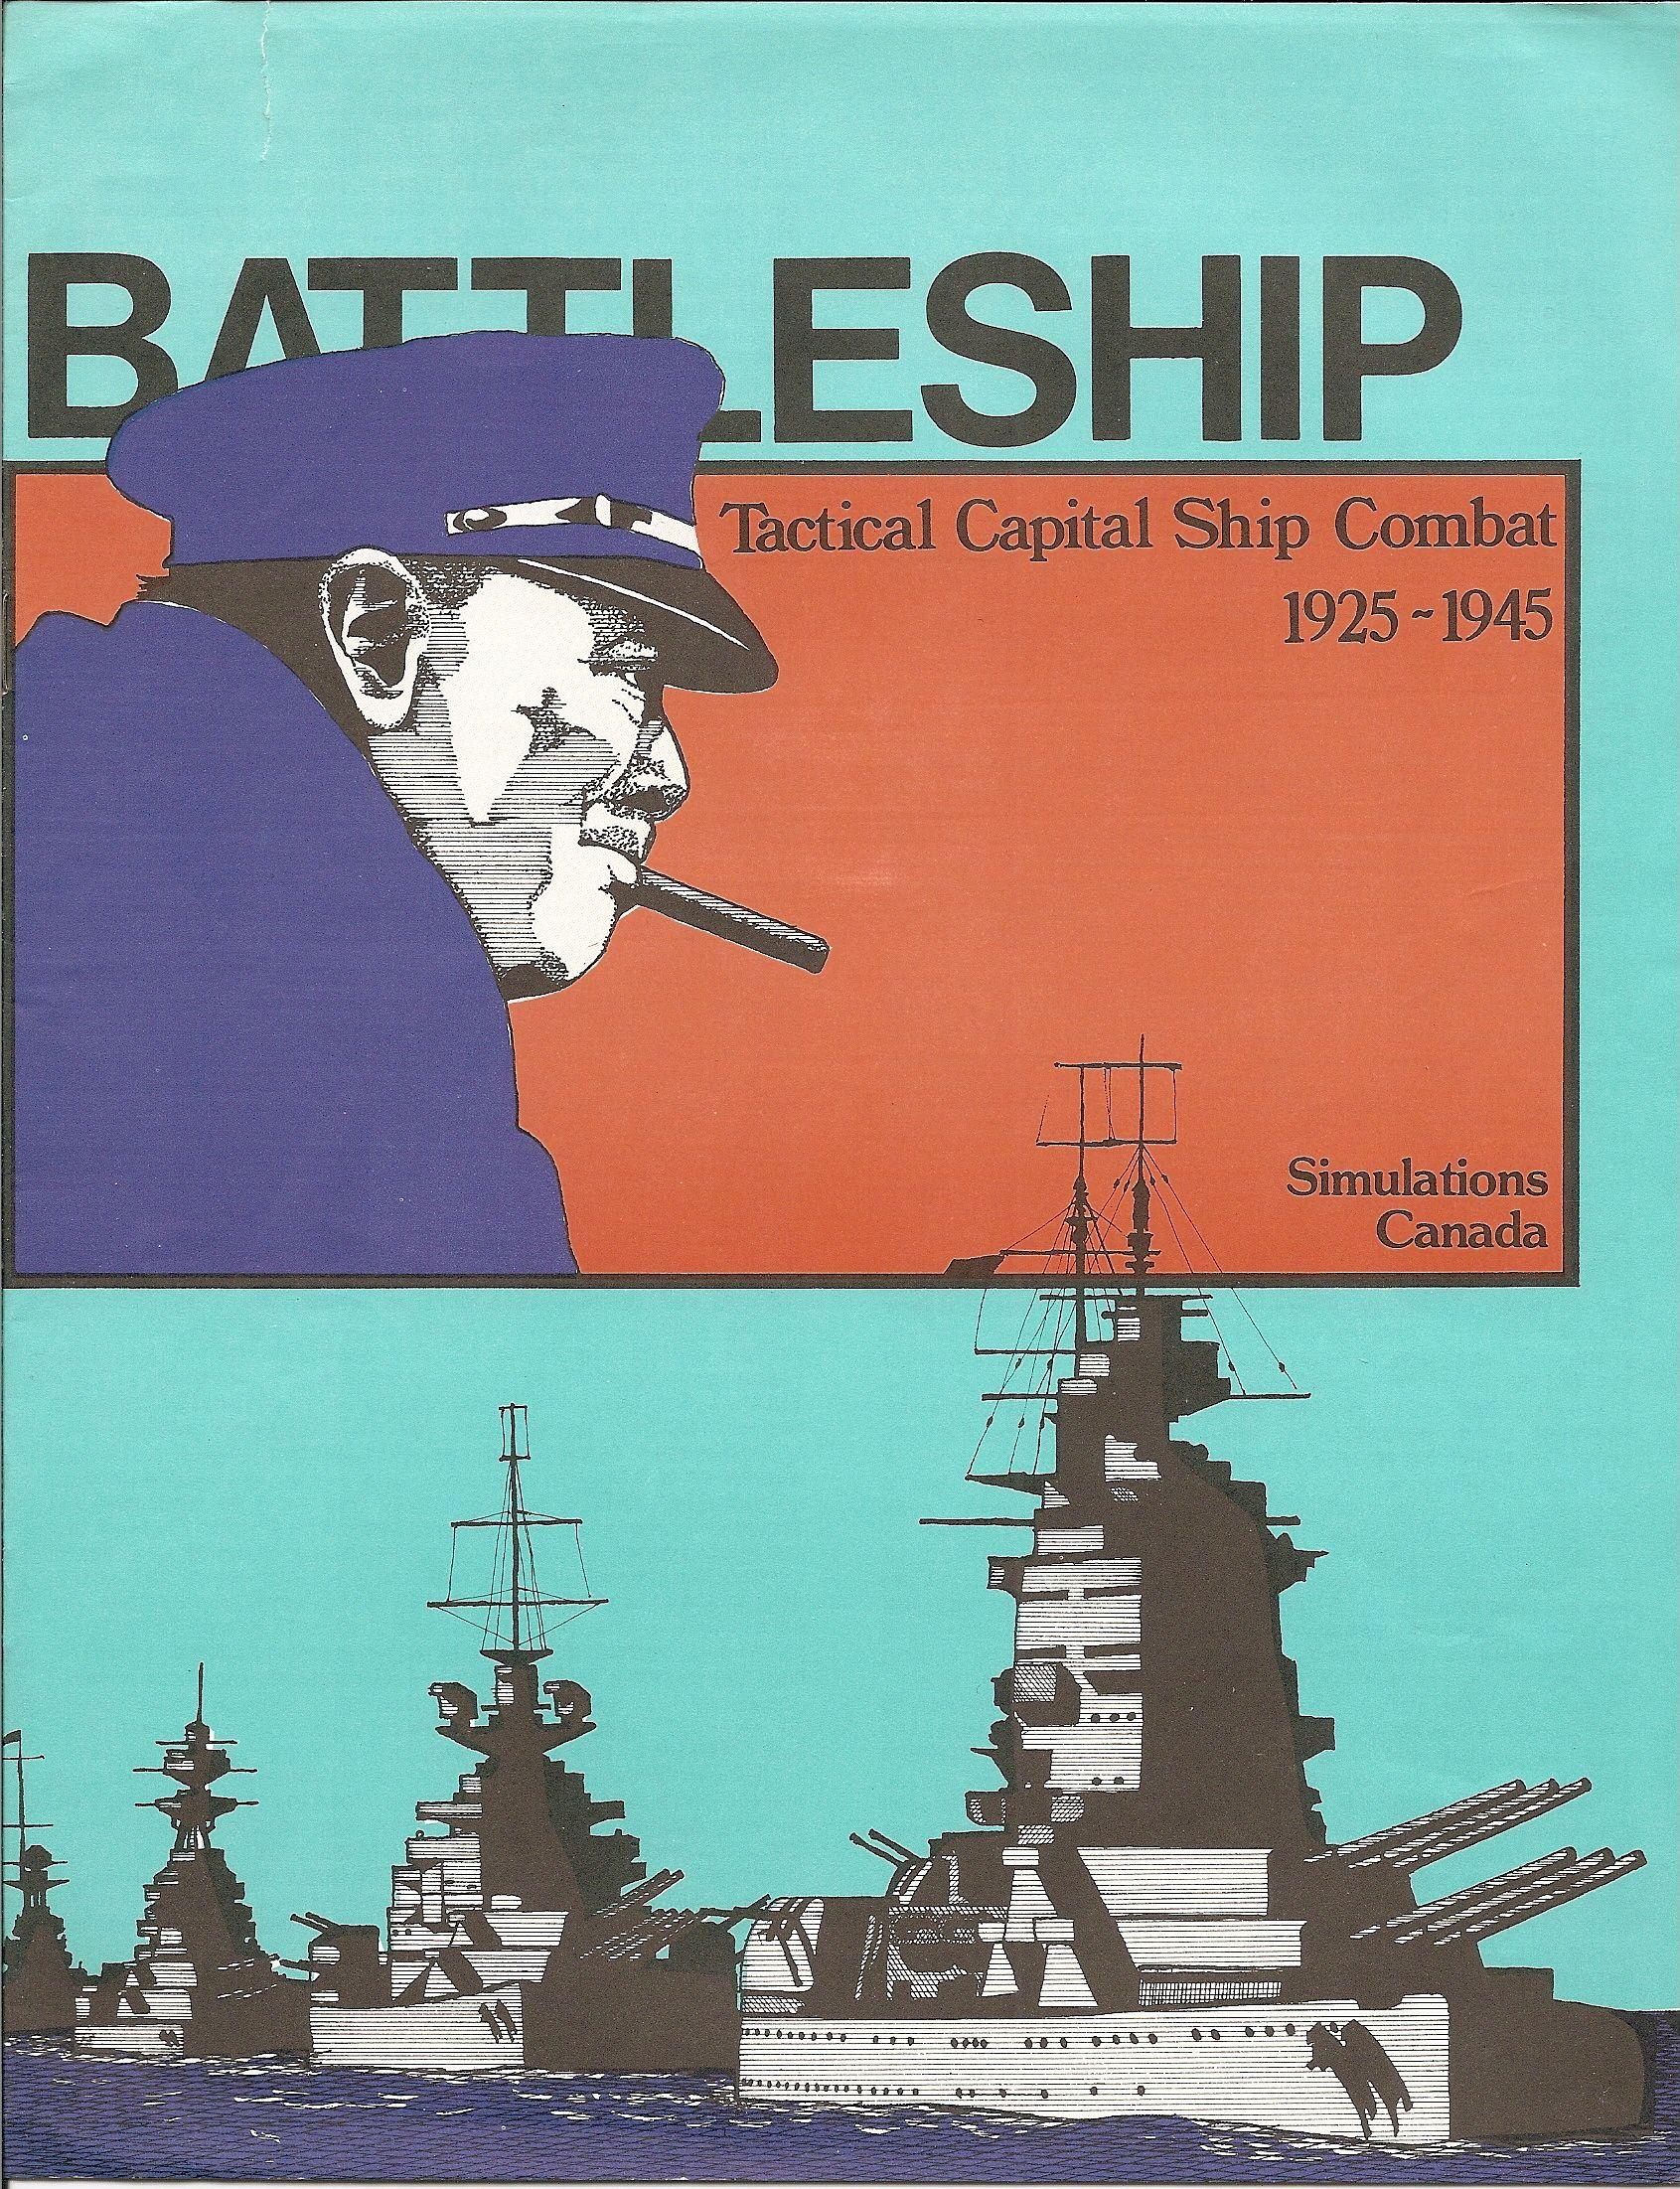 Battleship (first edition) Battleship, Capital ship